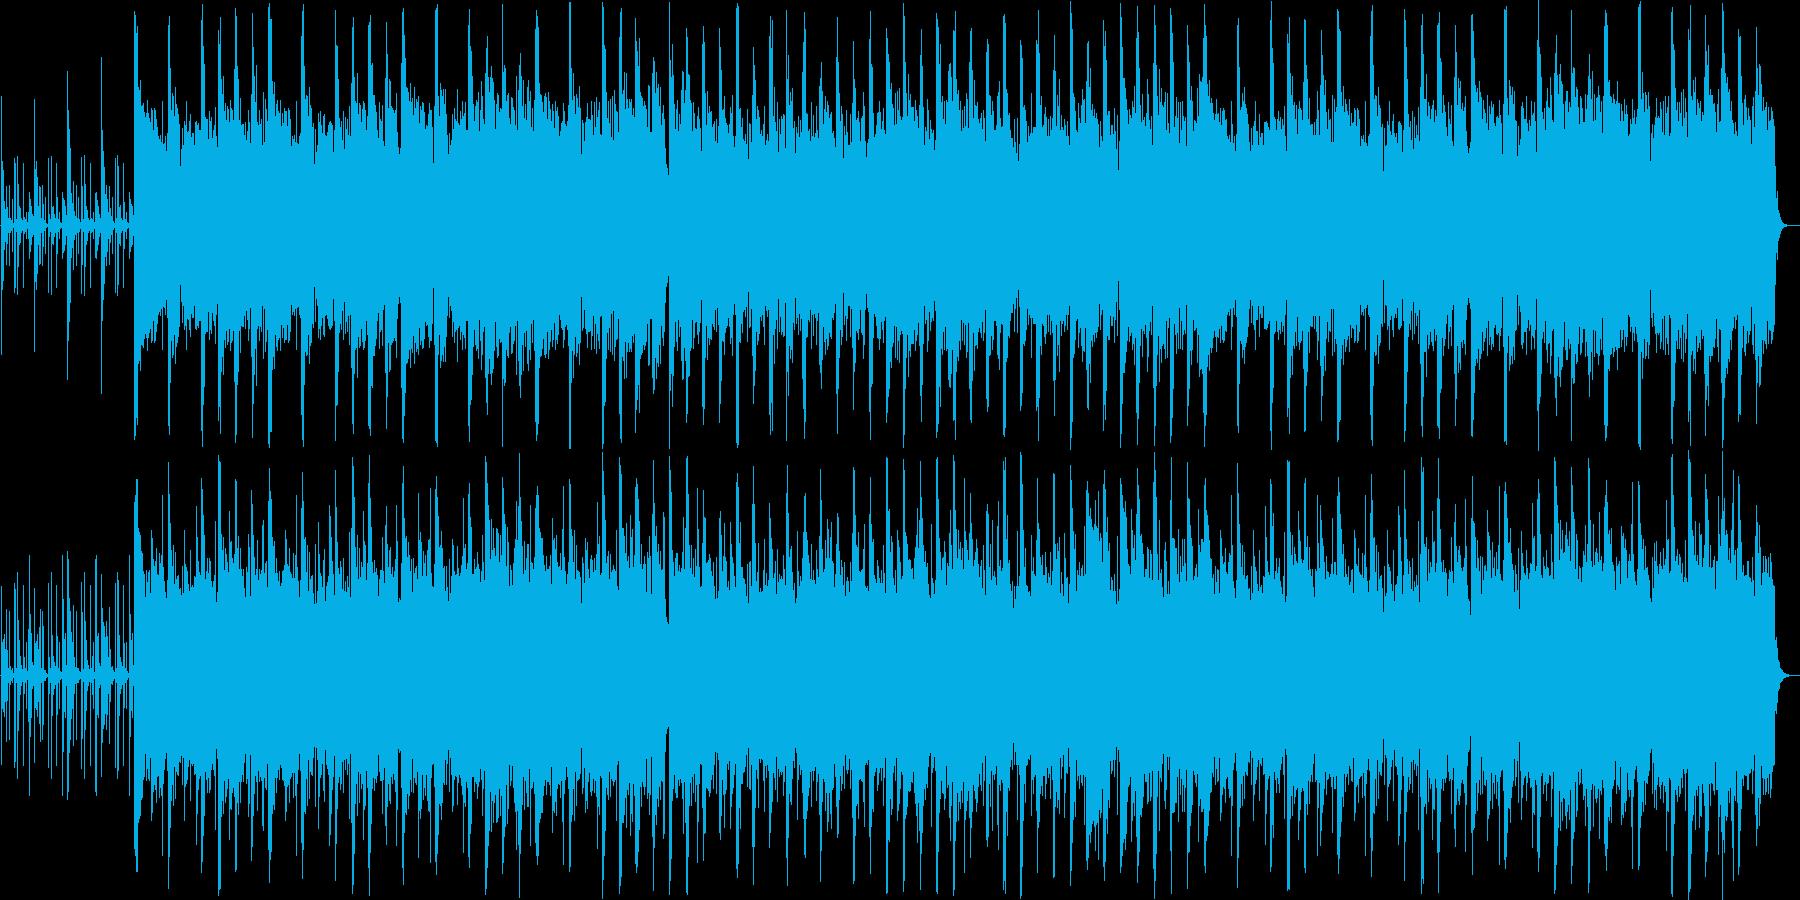 風情を感じさせる打楽器の和風バラードの再生済みの波形